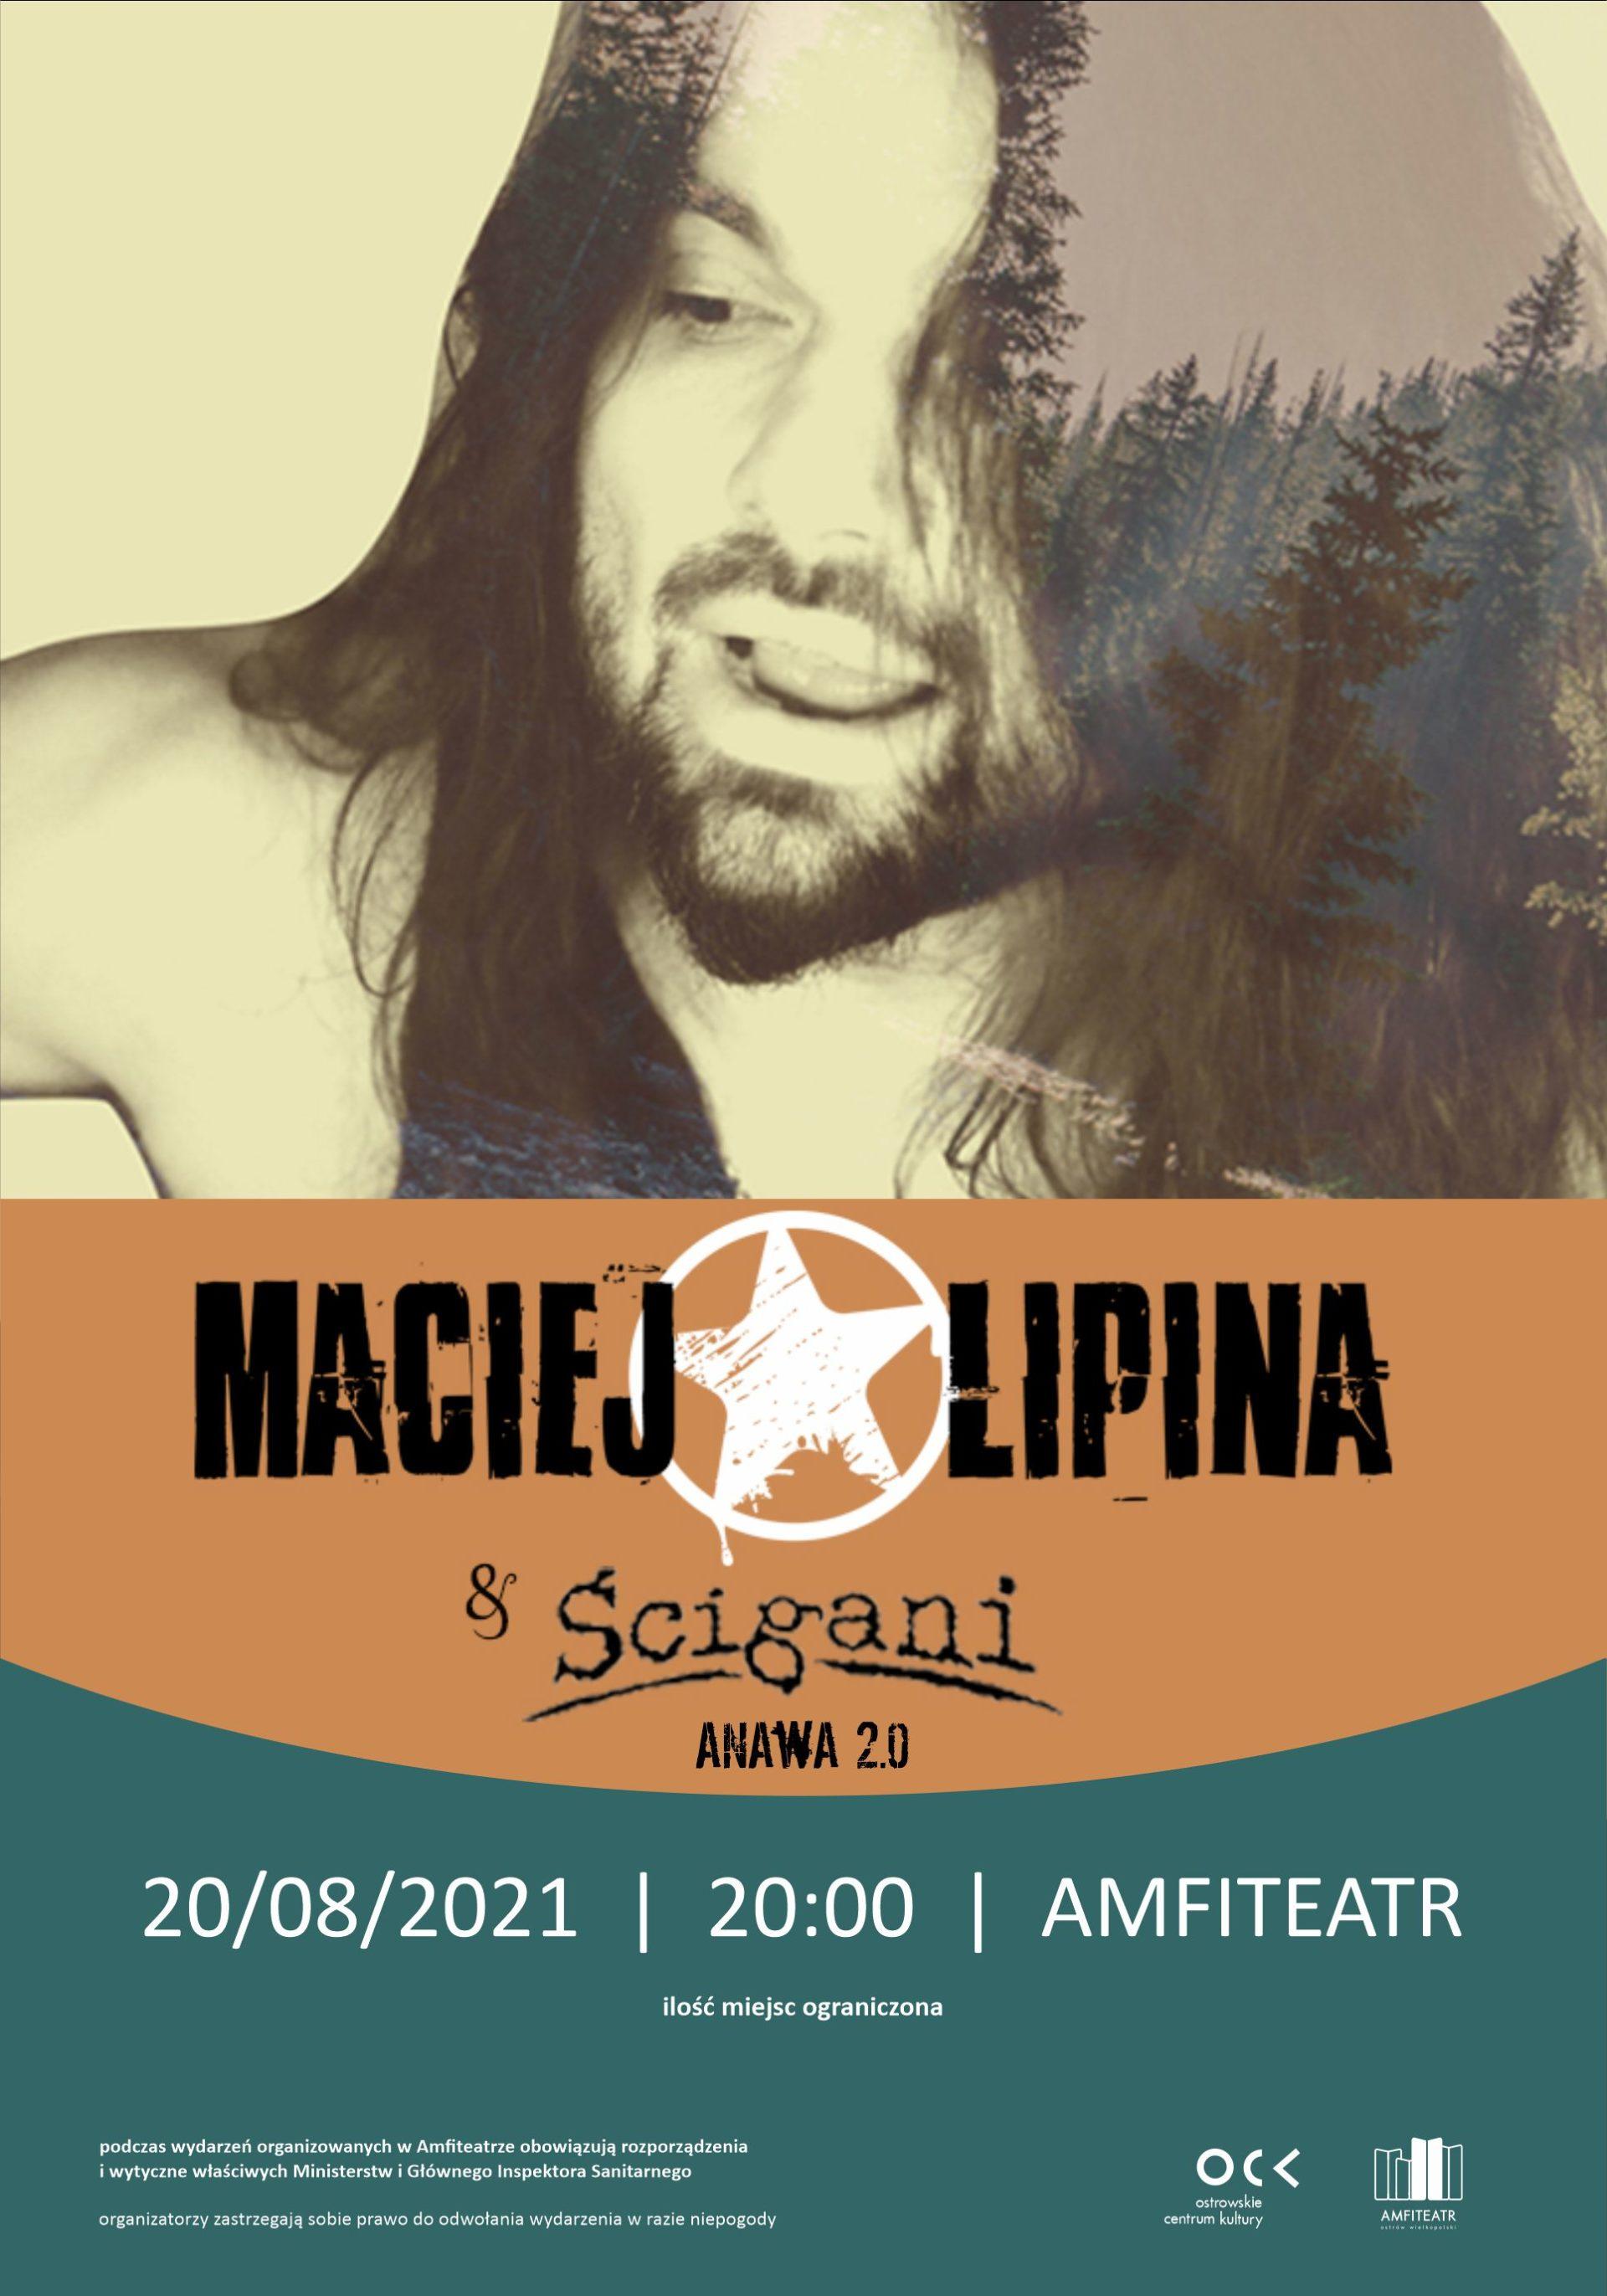 Maciej Lipina   Anawa 2.0   koncert